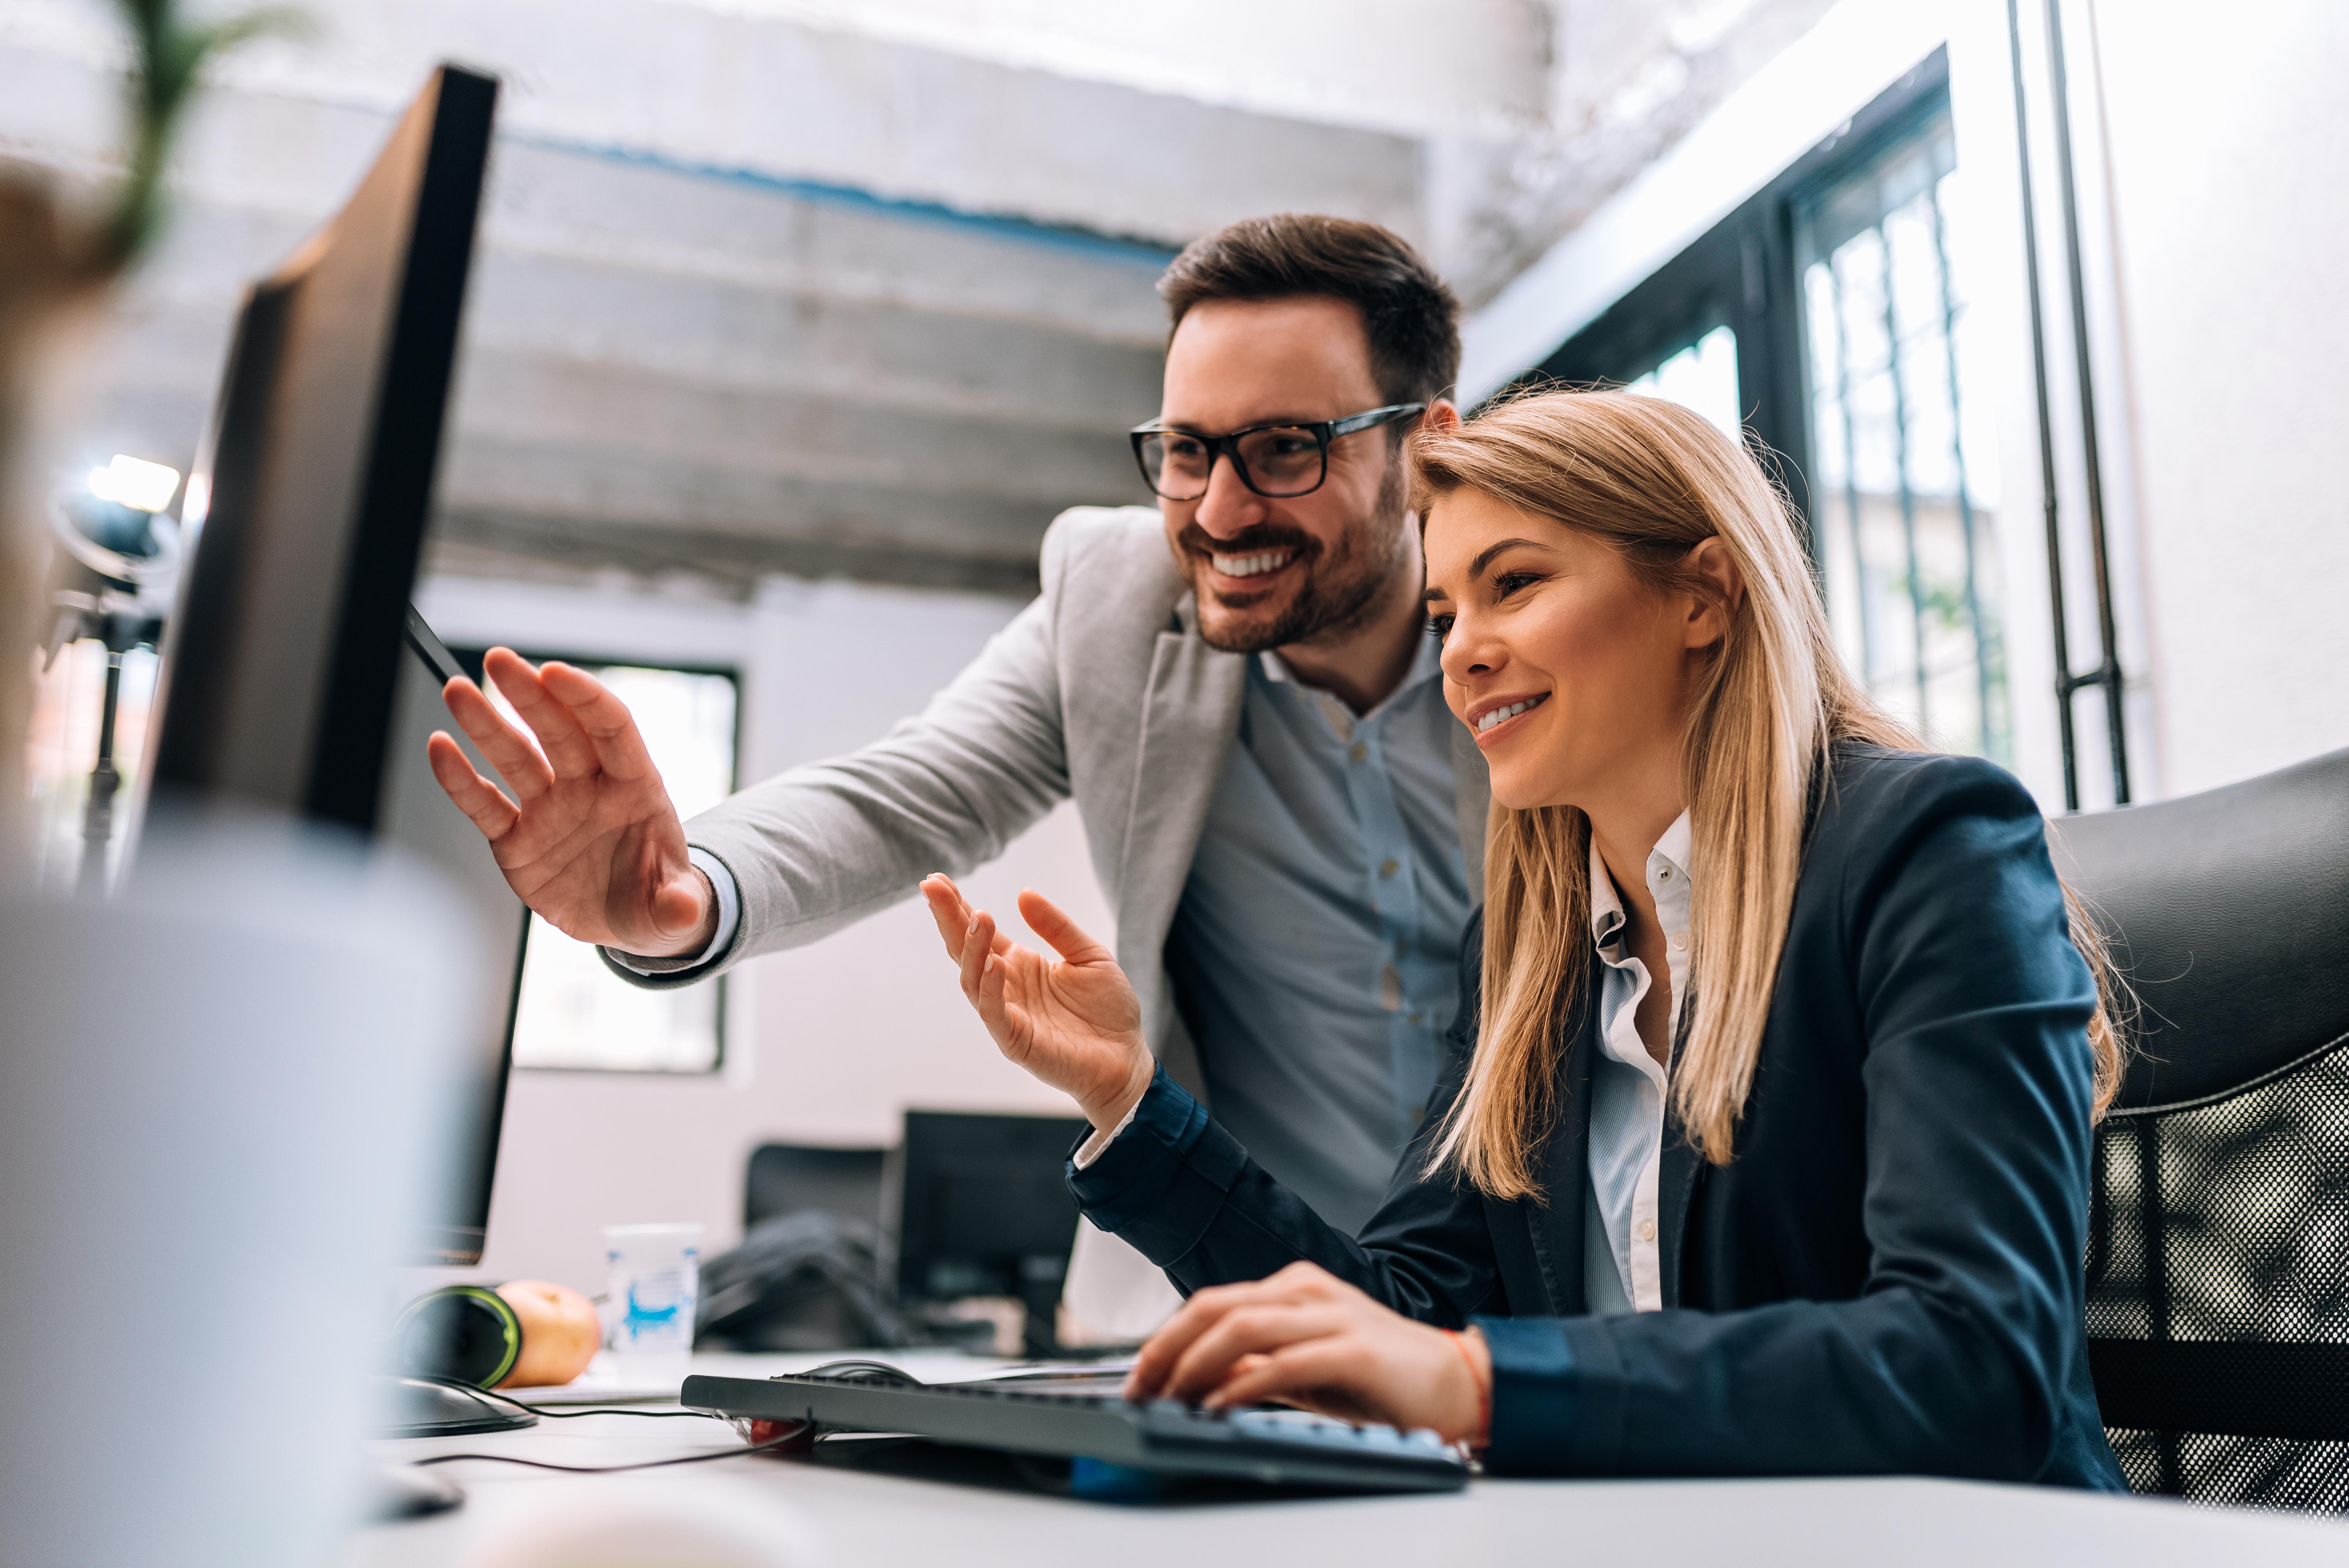 3 Types of Online Job Advertising: Job Postings, Job Slots